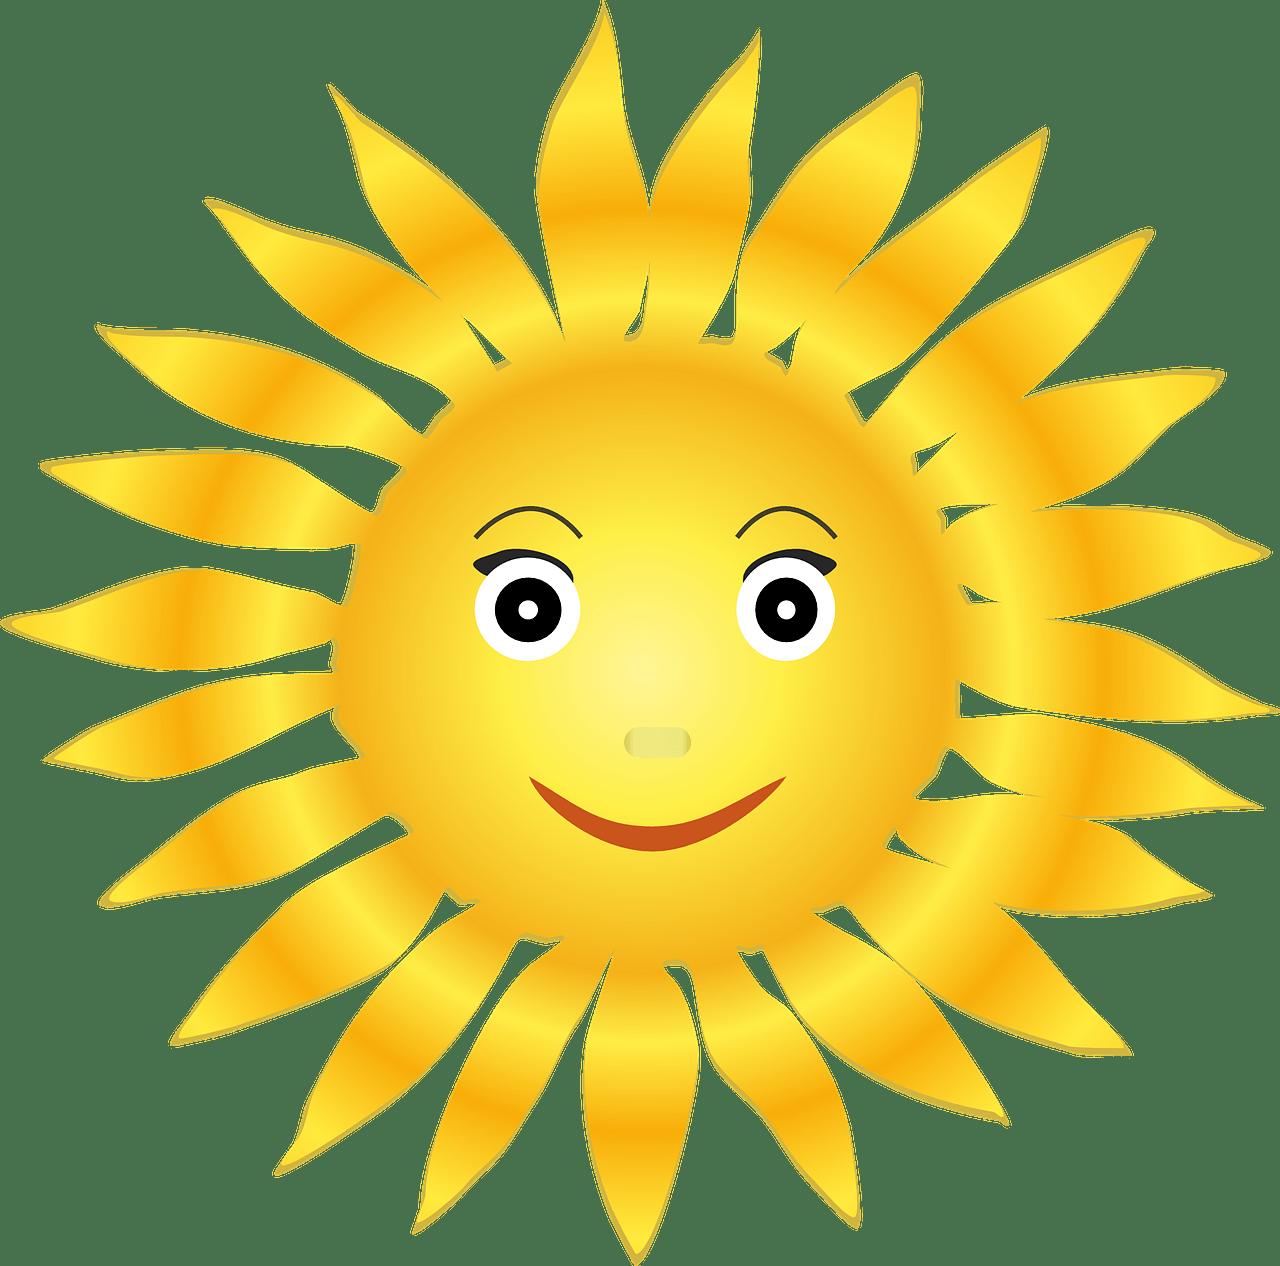 Картинки солнышка для детей нарисованные